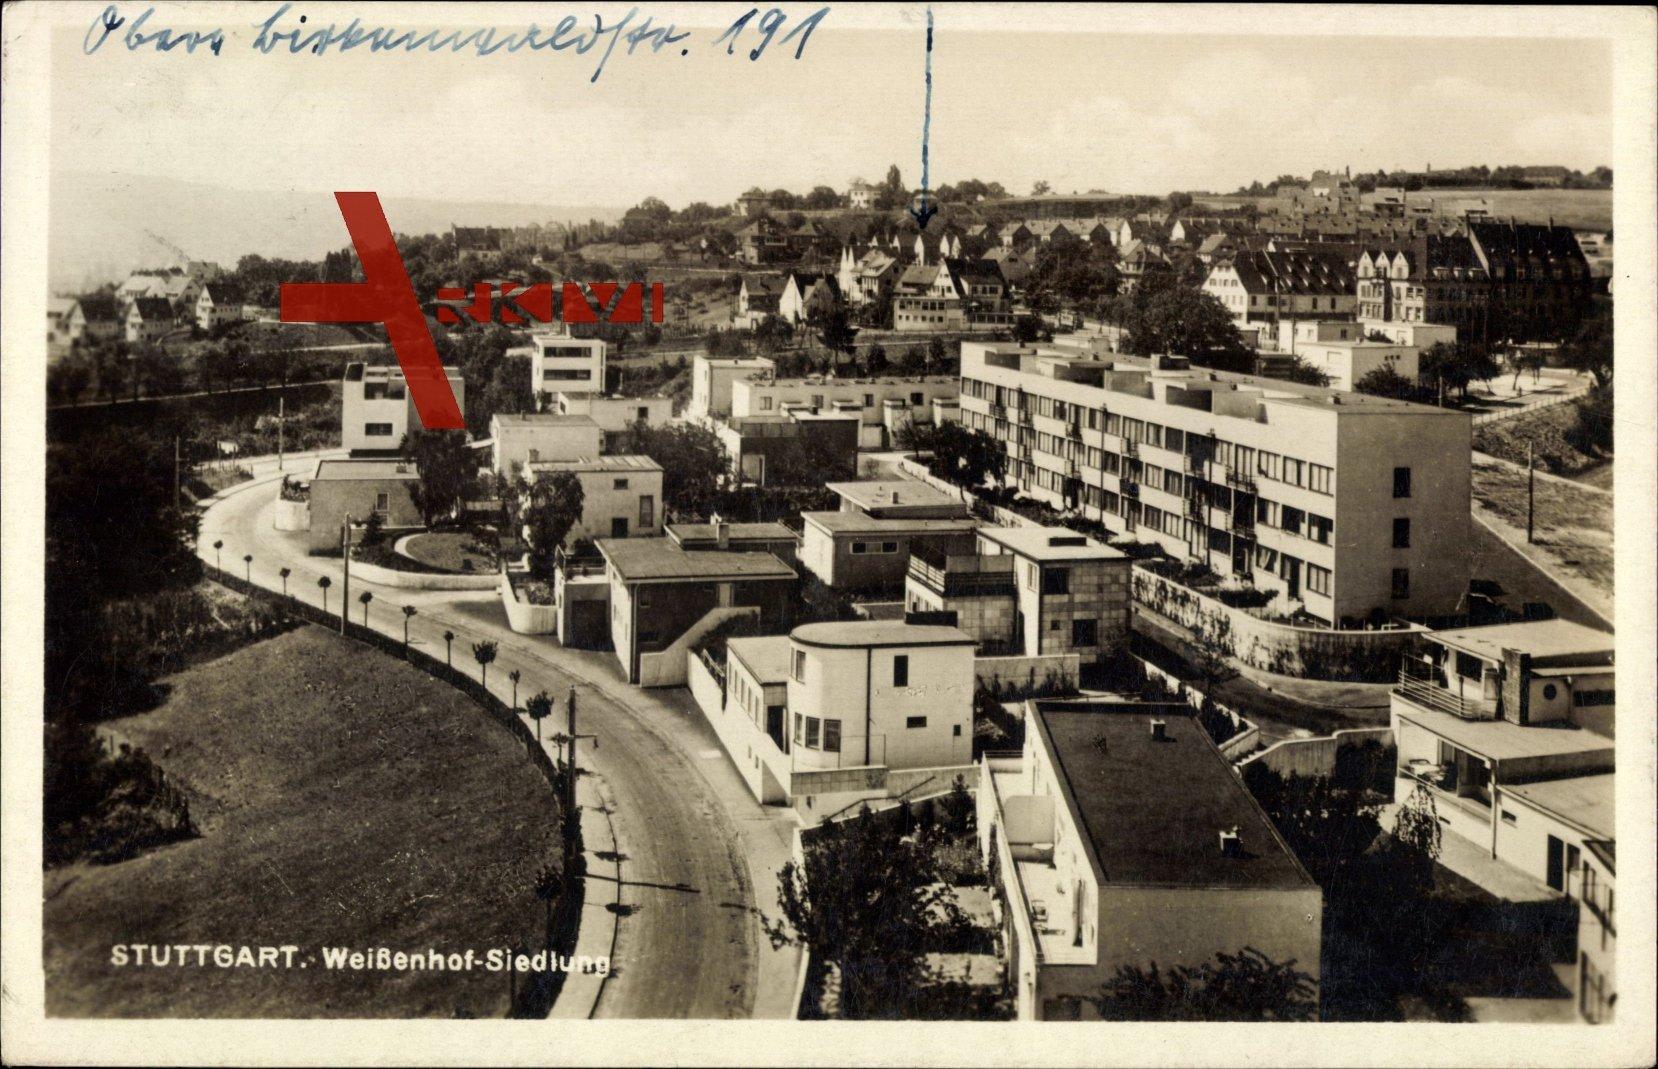 Stuttgart Baden Württemberg, Blick in die Weißenhof Siedlung, moderne Gebäude